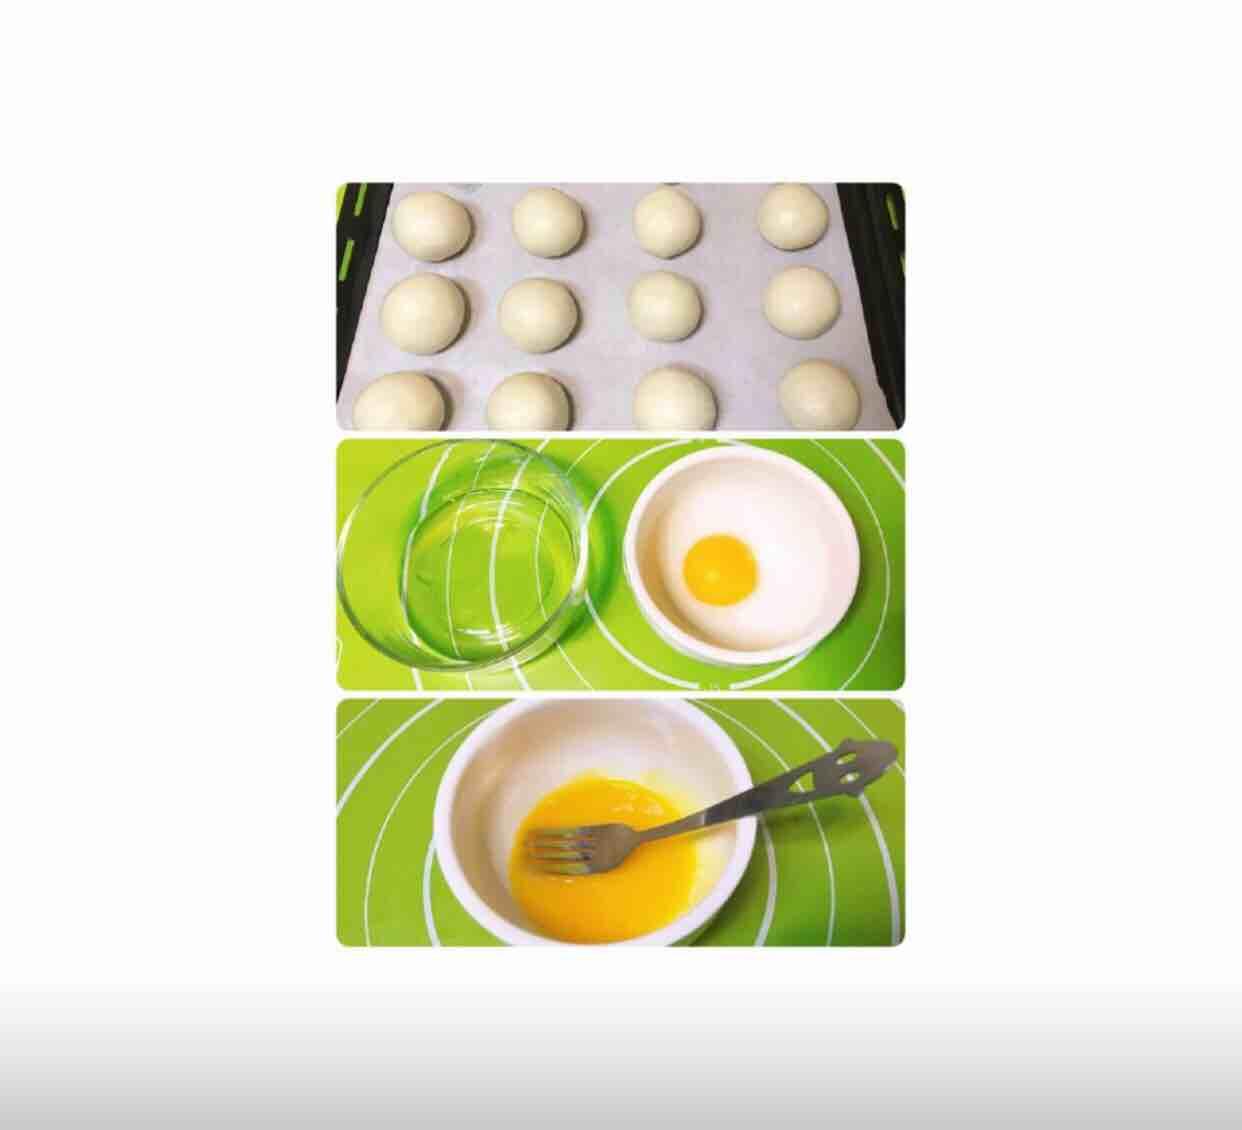 莲蓉蛋黄酥的制作